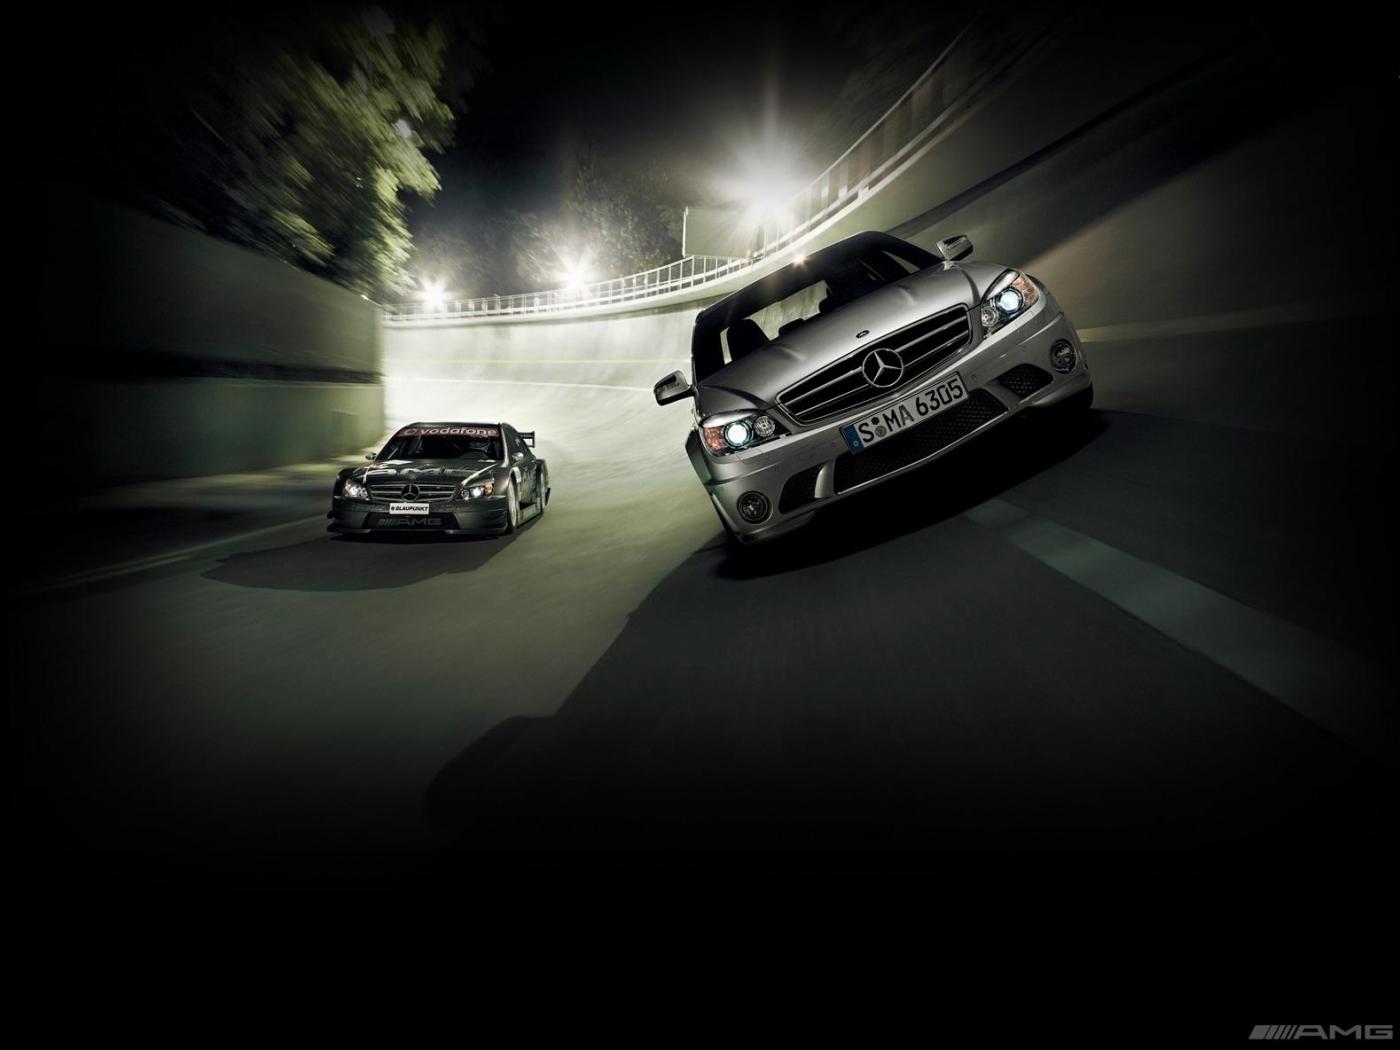 29988 скачать обои Транспорт, Машины, Мерседес (Mercedes) - заставки и картинки бесплатно